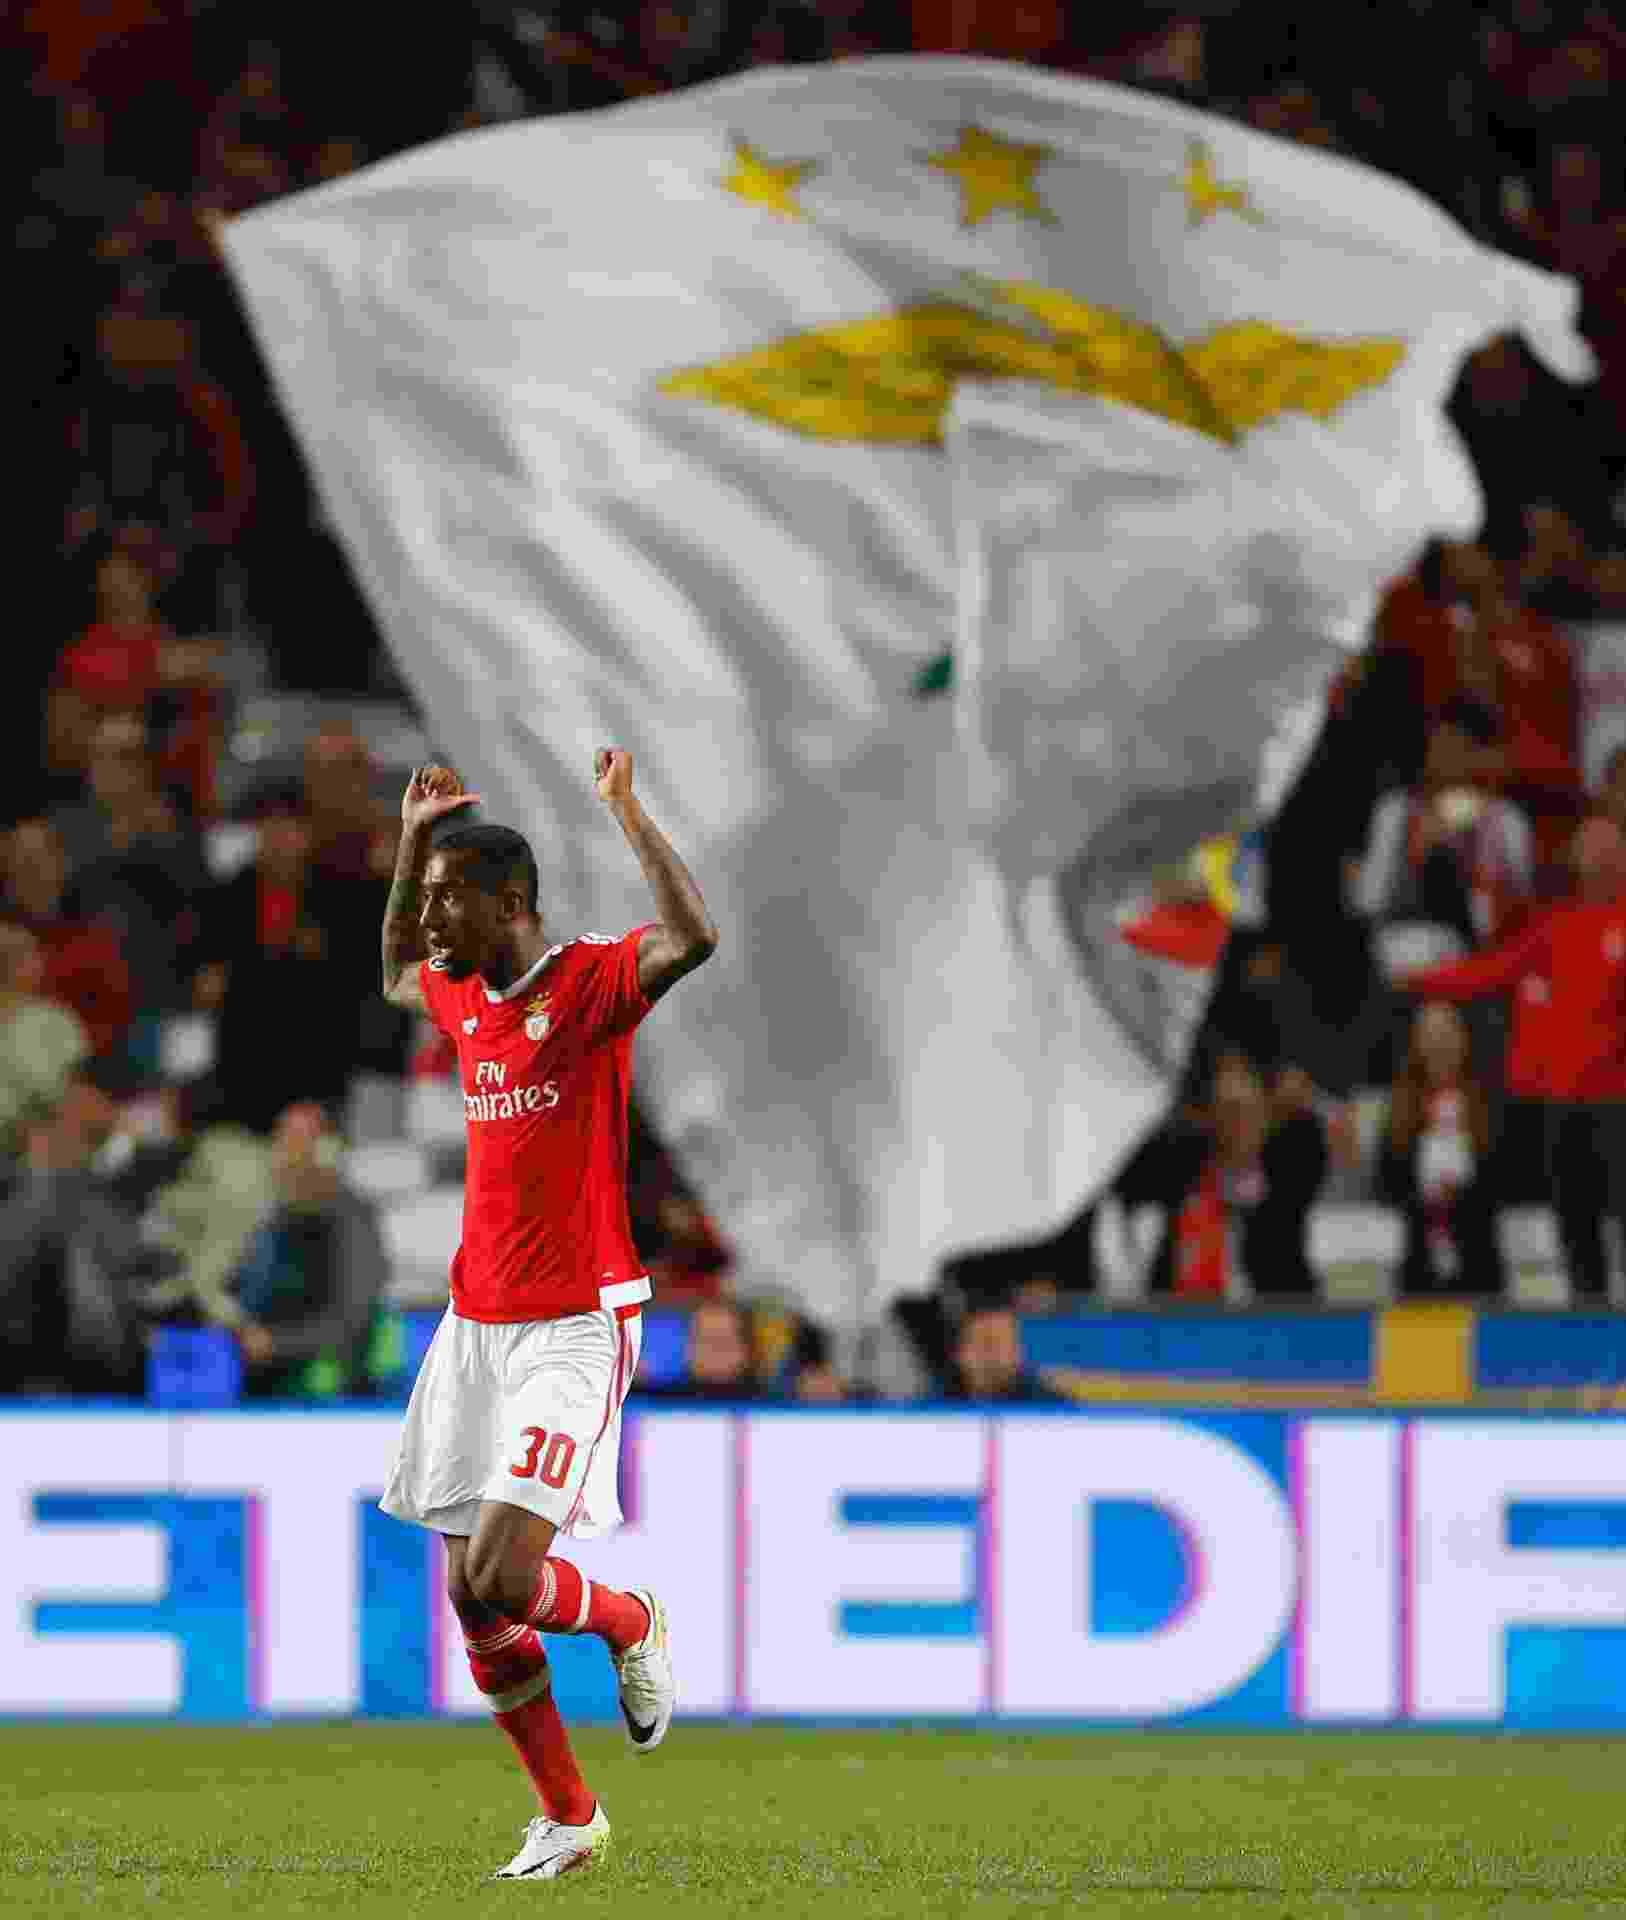 Anderson Talisca comemora após marcar belo gol para o Benfica contra o Bayern de Munique pela Liga dos Campeões - Rafael Marchante/Reuters